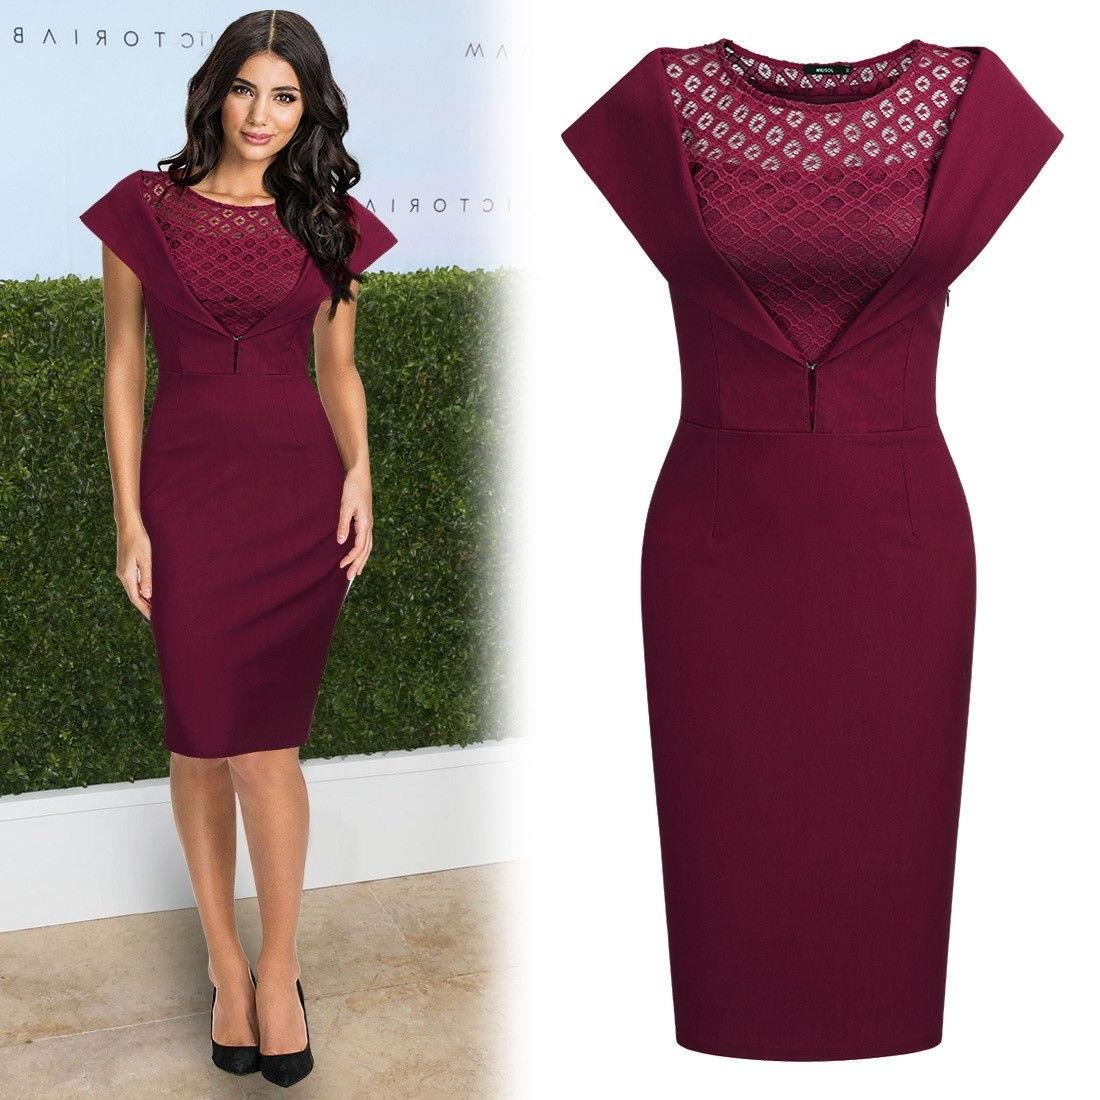 Top Kleider Damen Elegant GalerieDesigner Fantastisch Kleider Damen Elegant Spezialgebiet